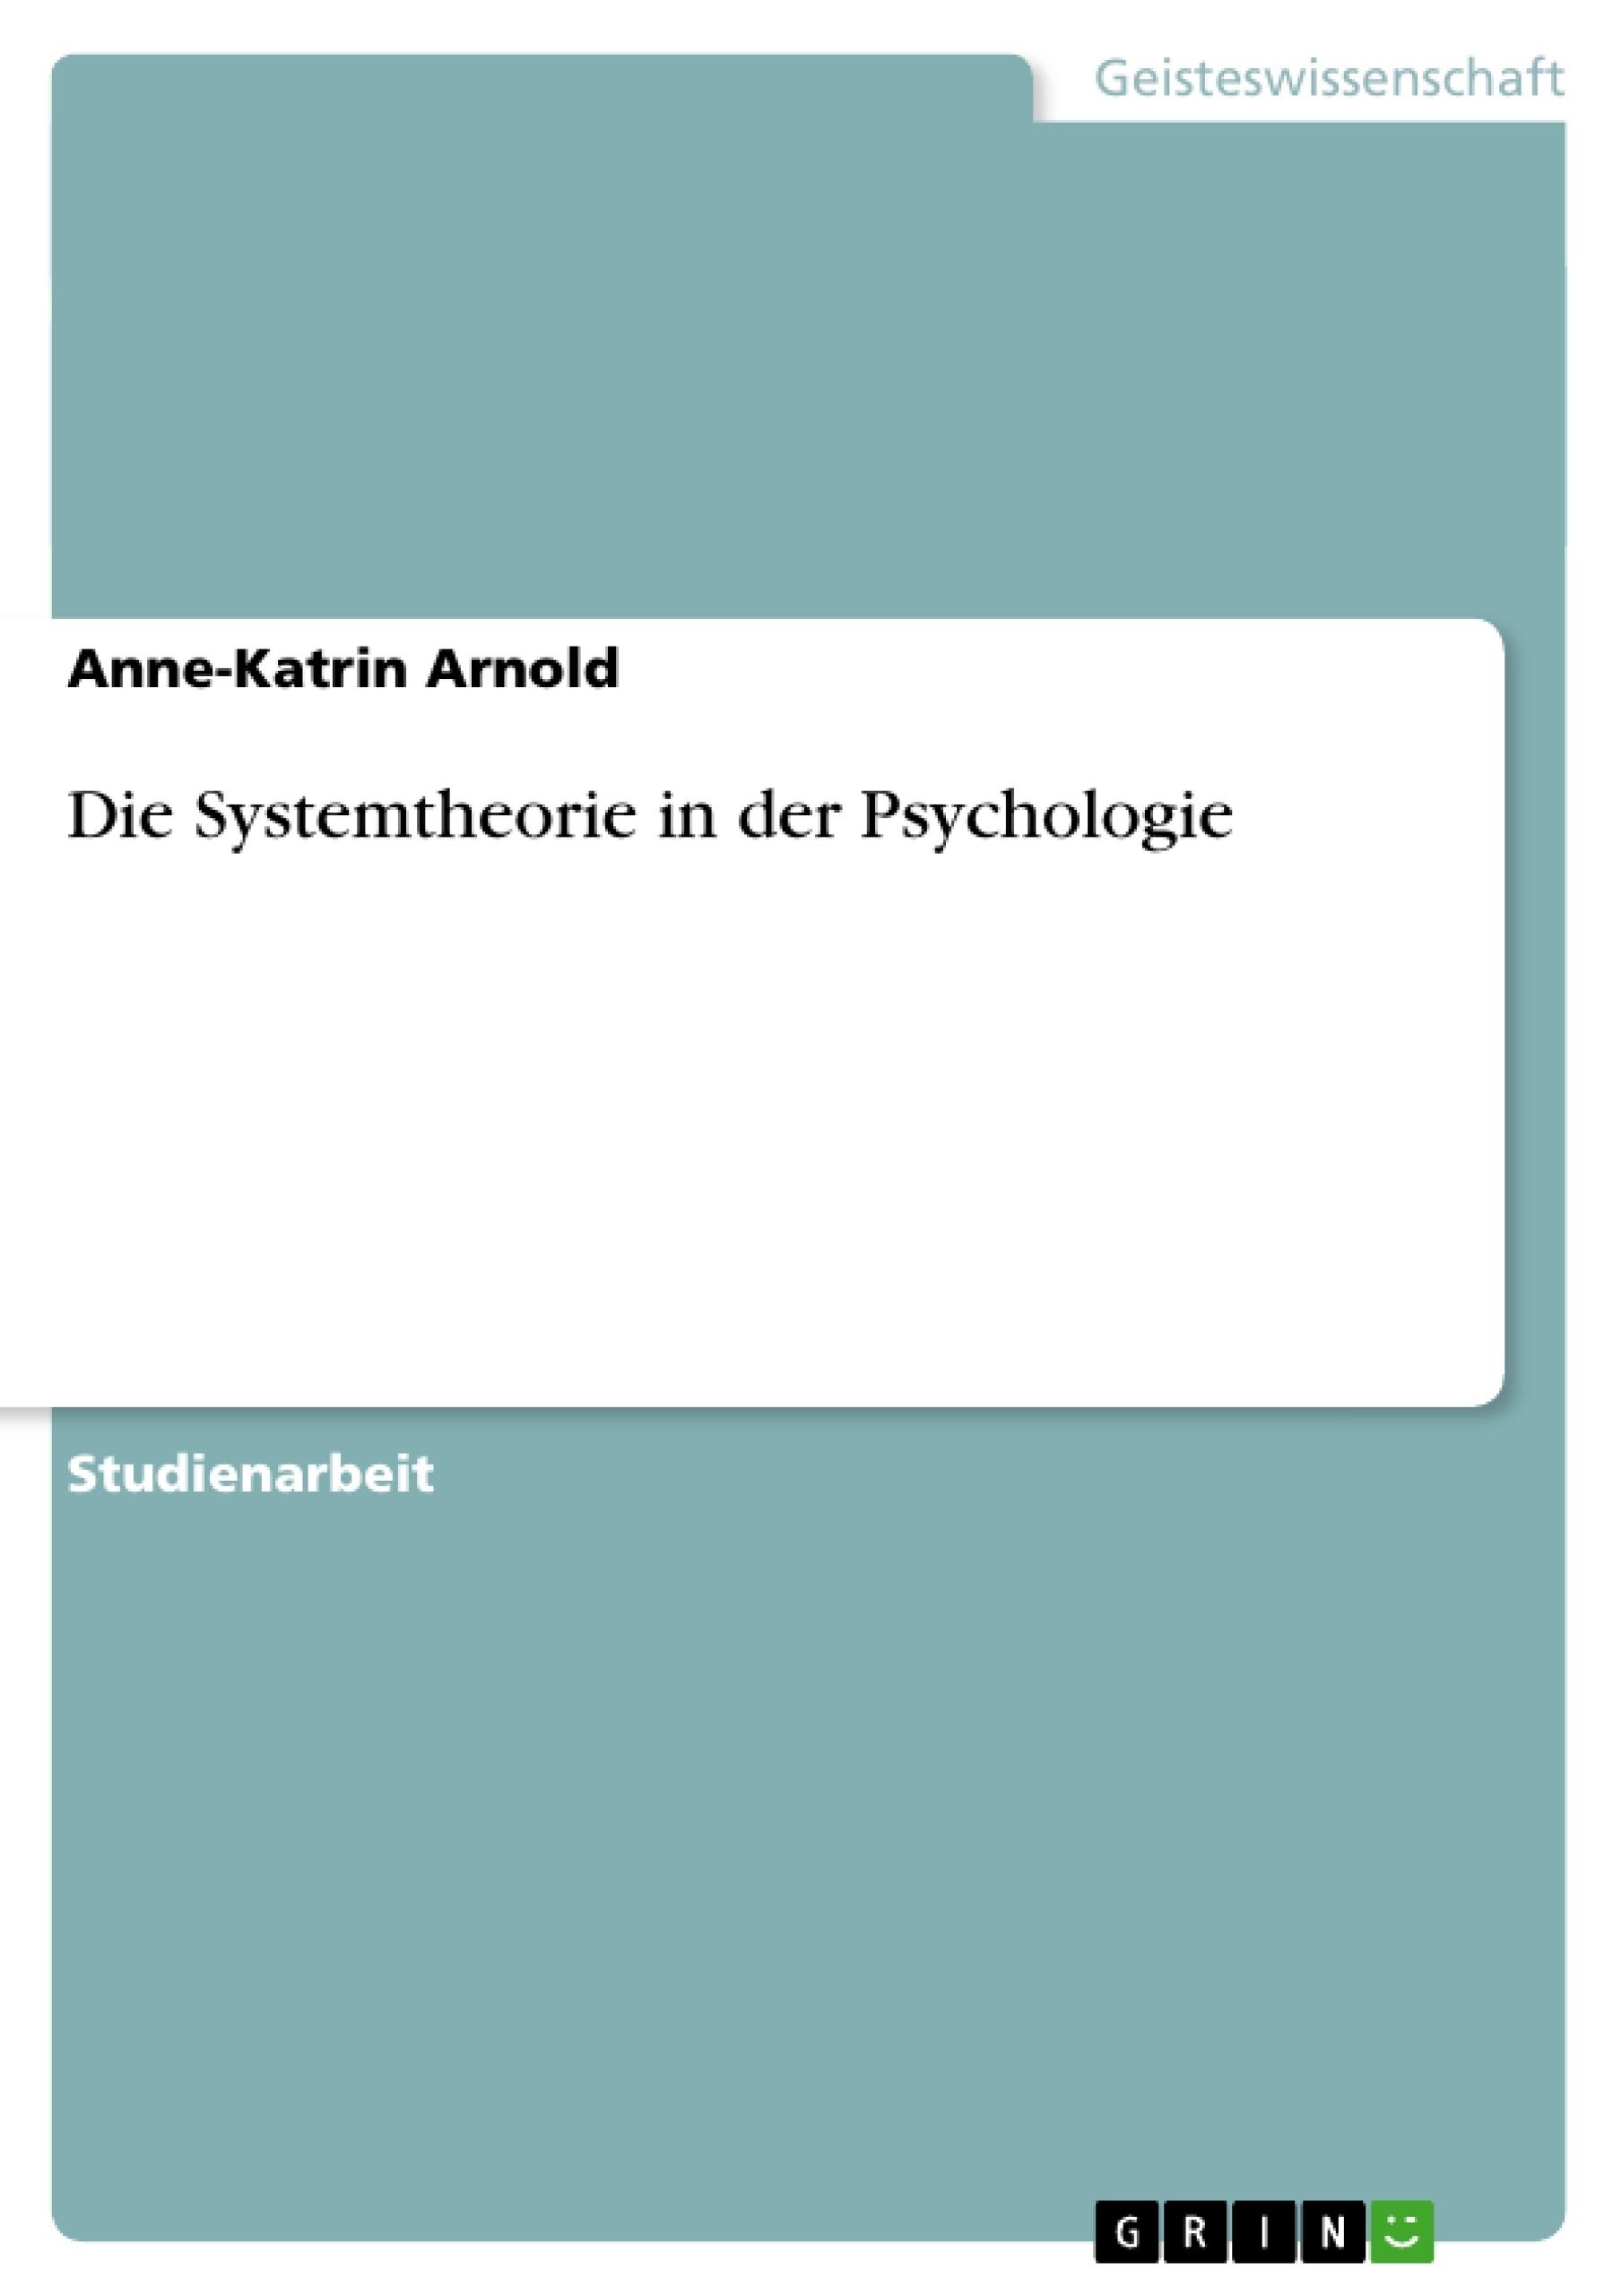 Titel: Die Systemtheorie in der Psychologie